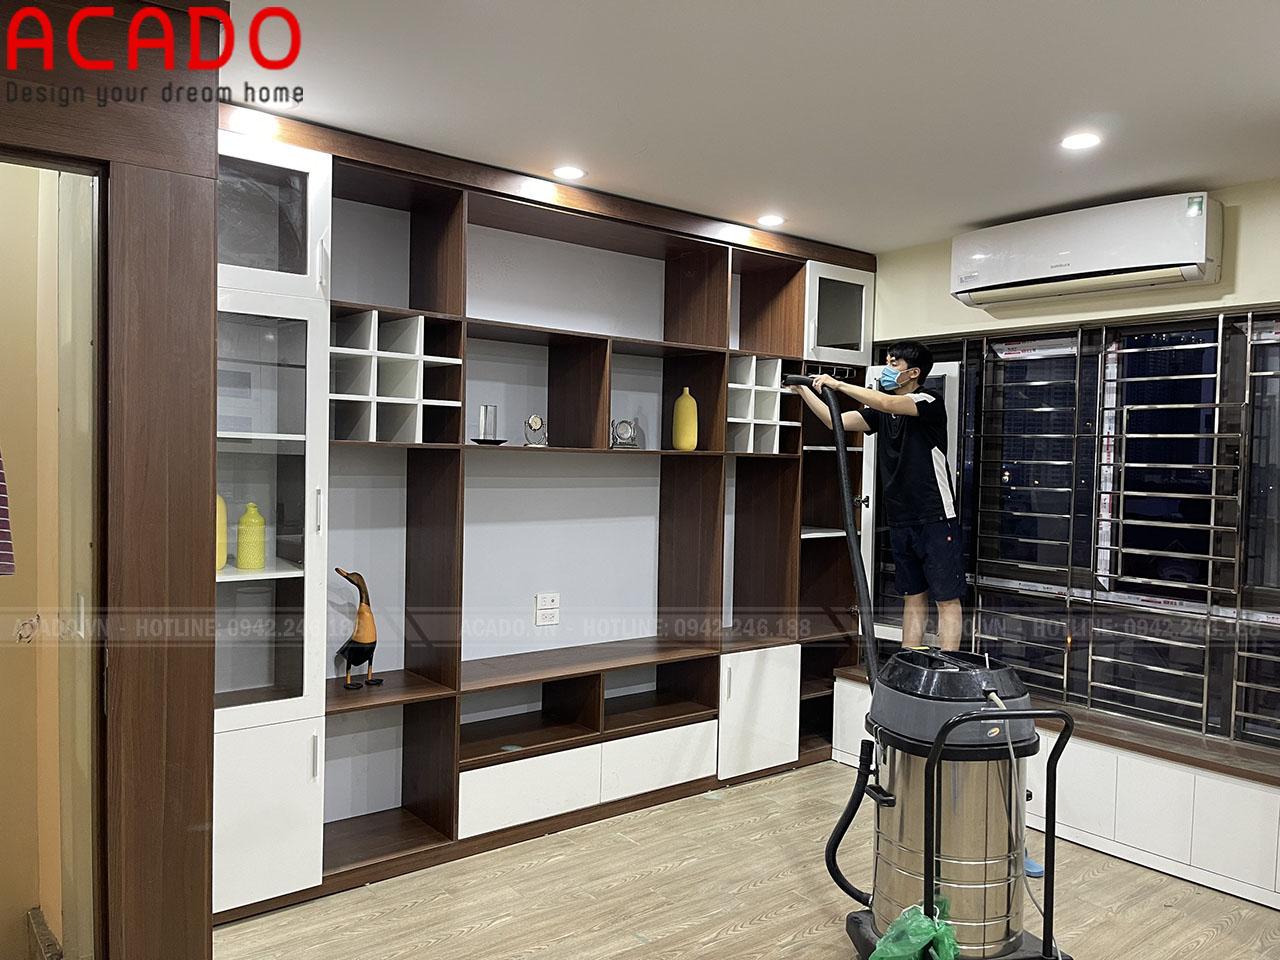 Vách kệ tivi được thiết kế bởi đội ngũ thiết kế ACADO mang phong cách trẻ trung, hiện đại